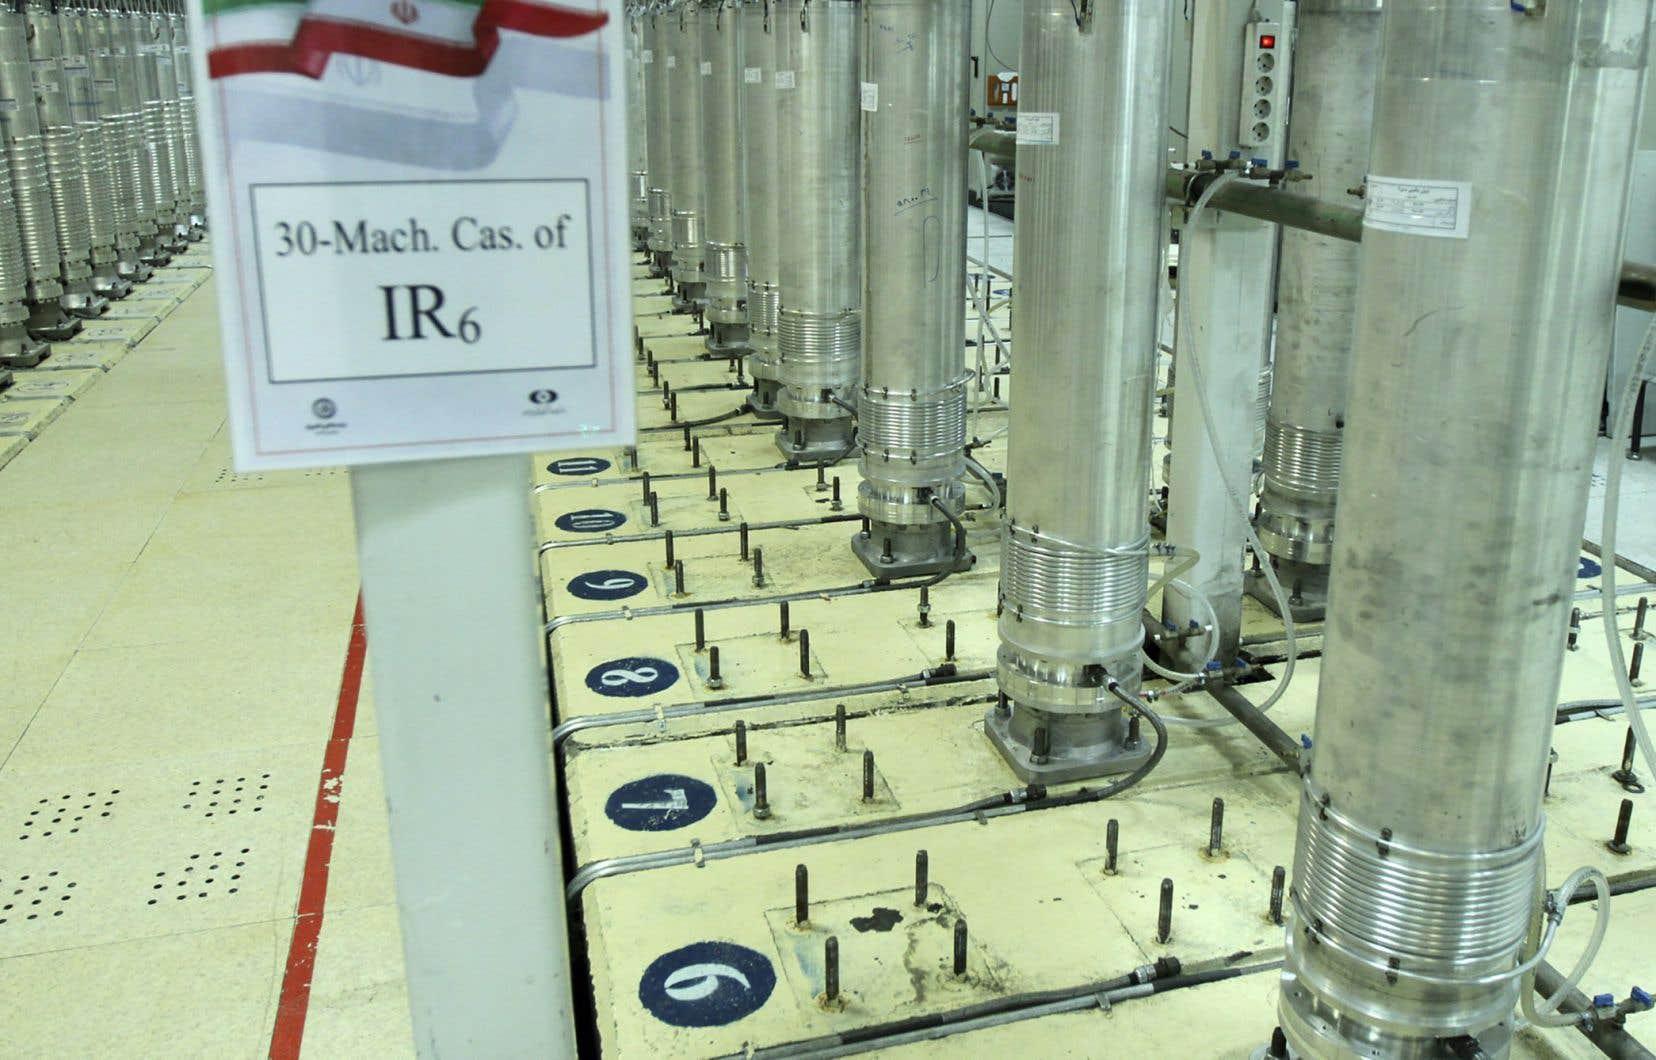 L'Iran a accusé Israël d'avoir saboté, dimanche, son usine d'enrichissement d'uranium de Natanz. Sur la photo, des centrifugeuses utilisées pour enrichir l'uranium.